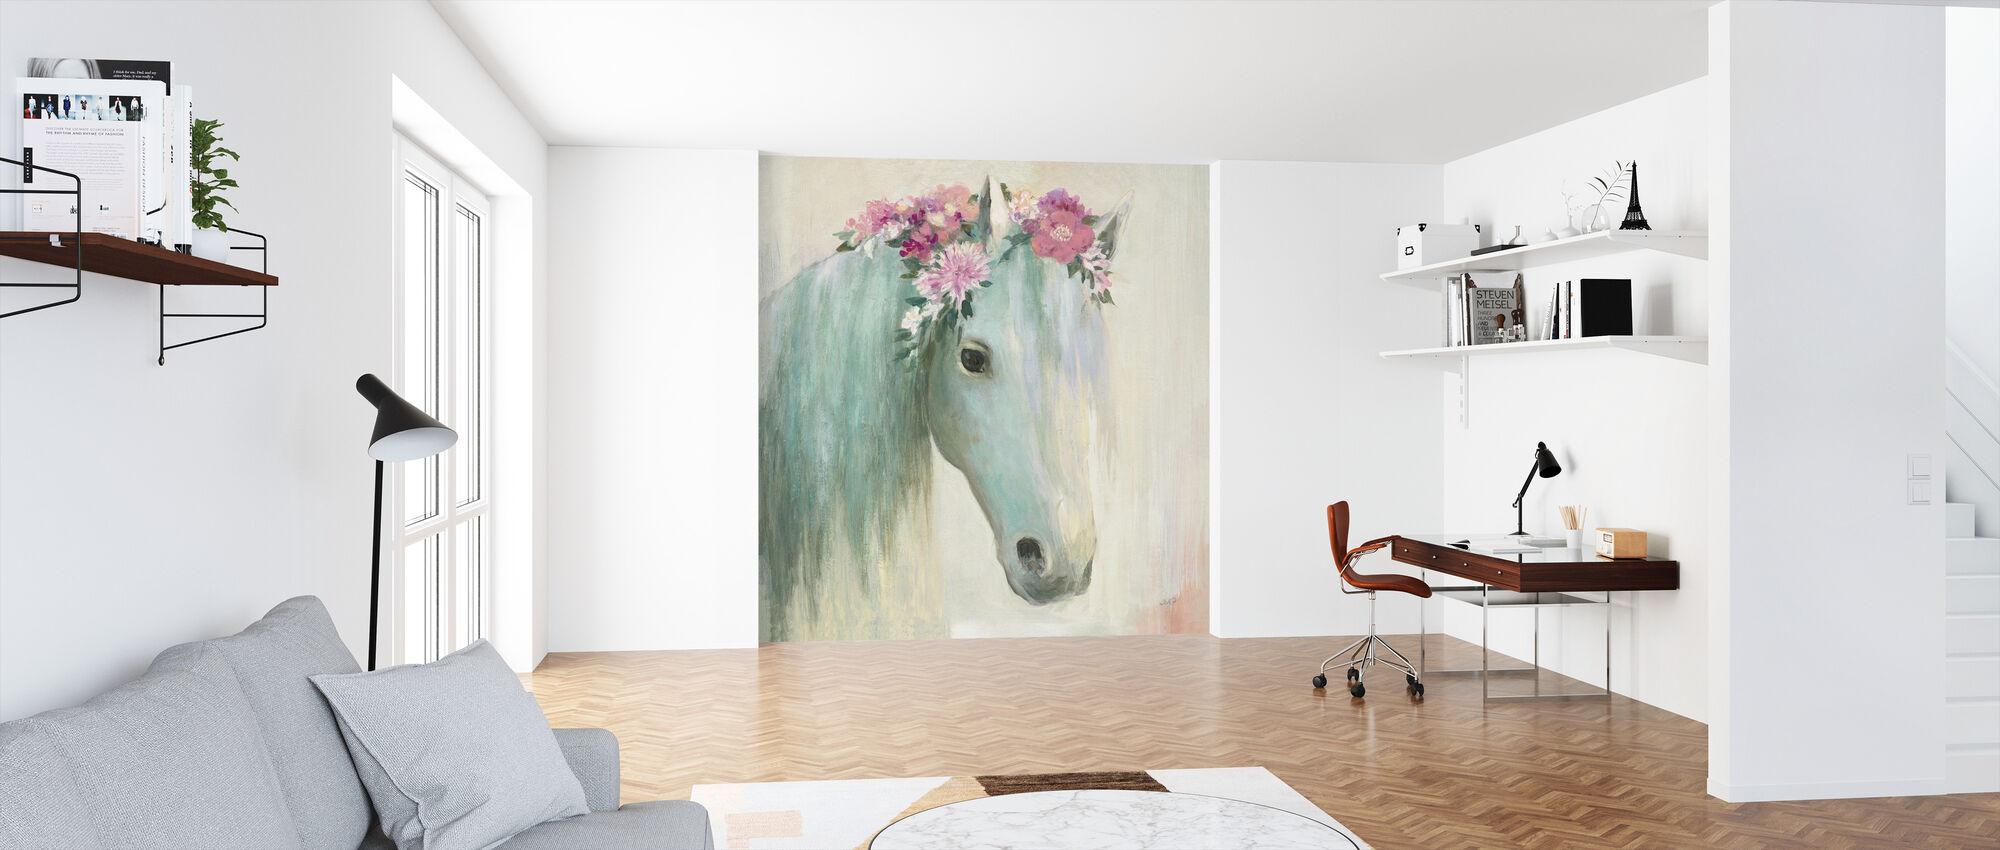 Festival Girl I - Wallpaper - Office